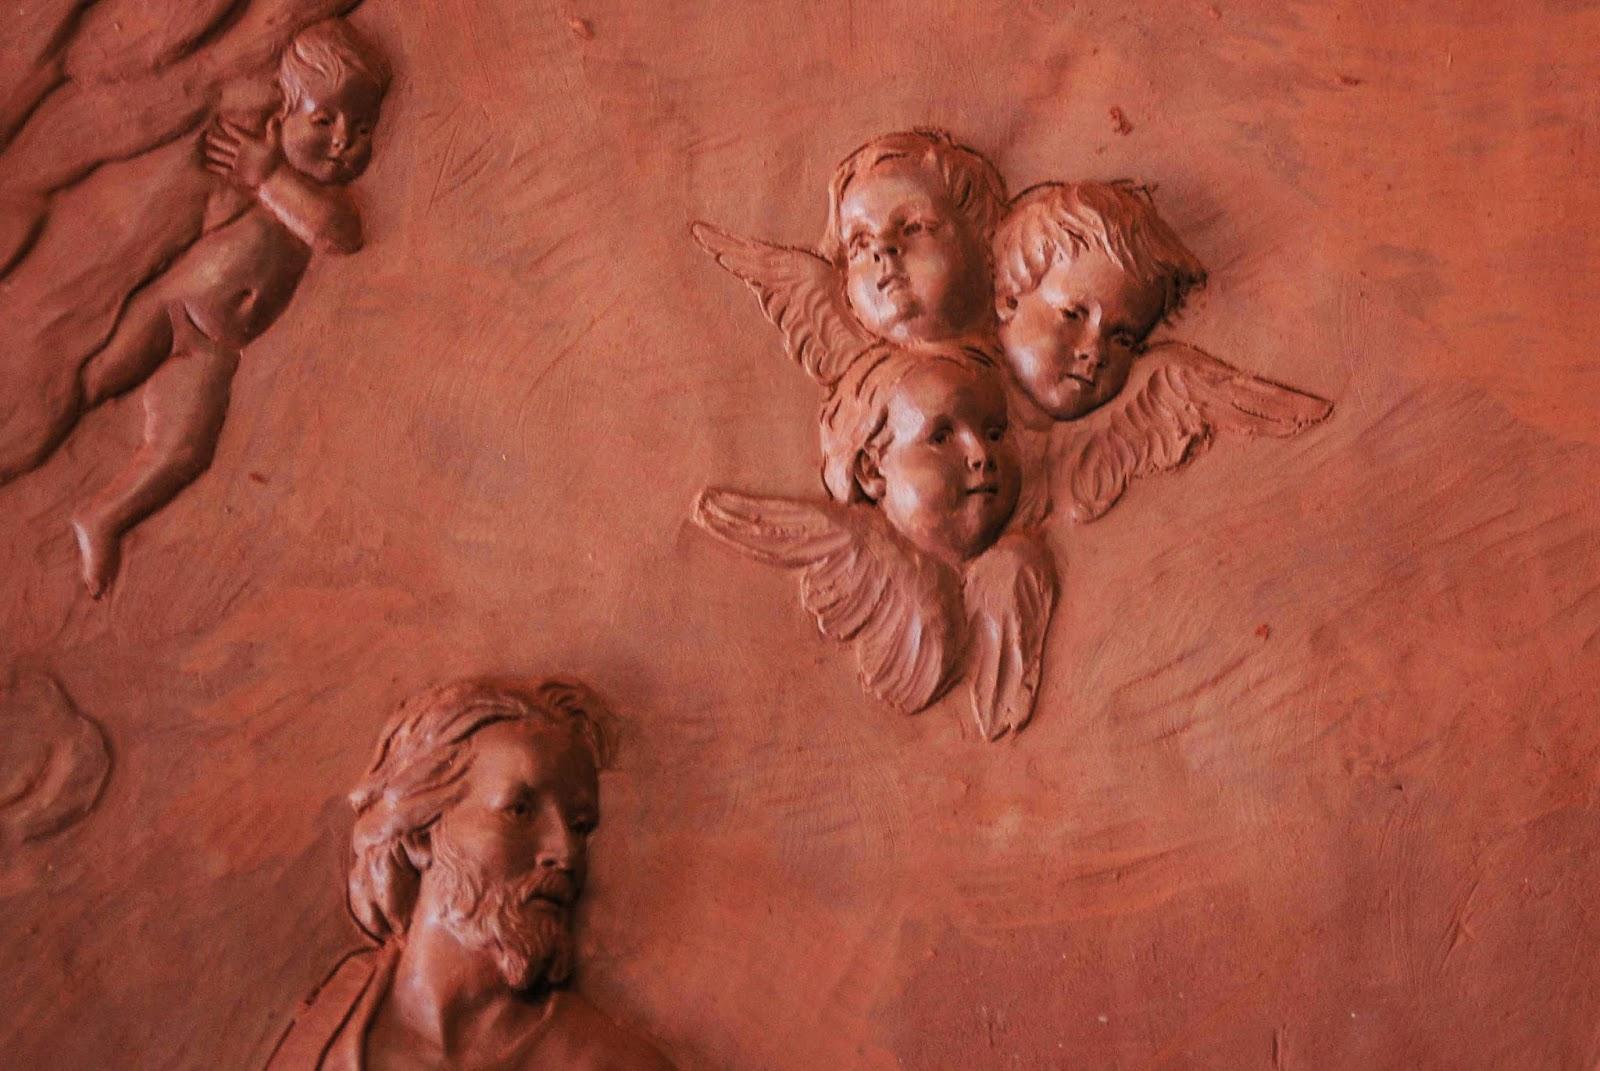 Trono Soledad Semana Santa Cartagena Murcia Arturo Serra escultura 30